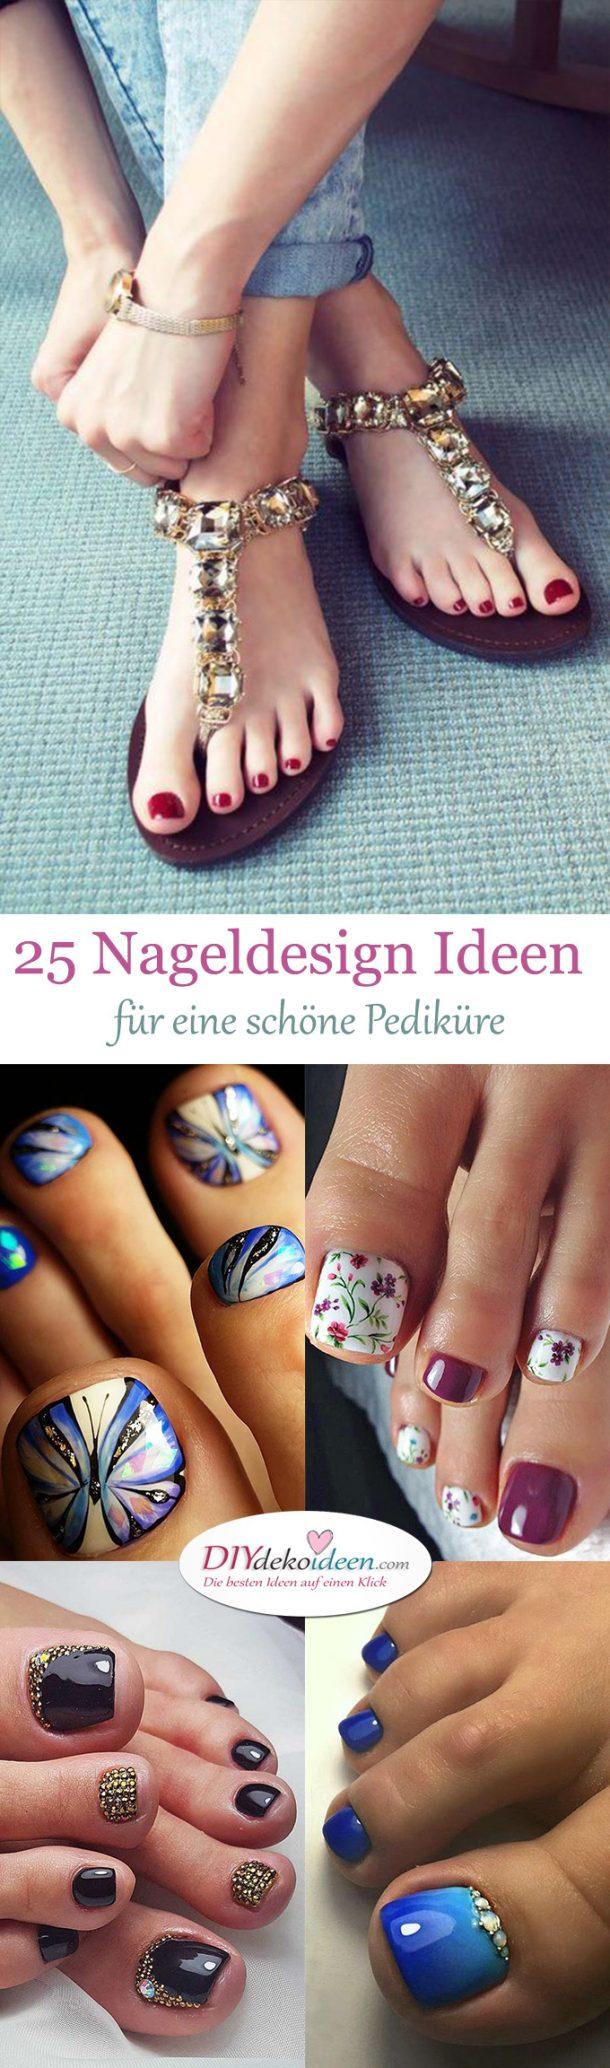 Das Beste Fußnägel Designs Bilder Beste Full Hd Bilder